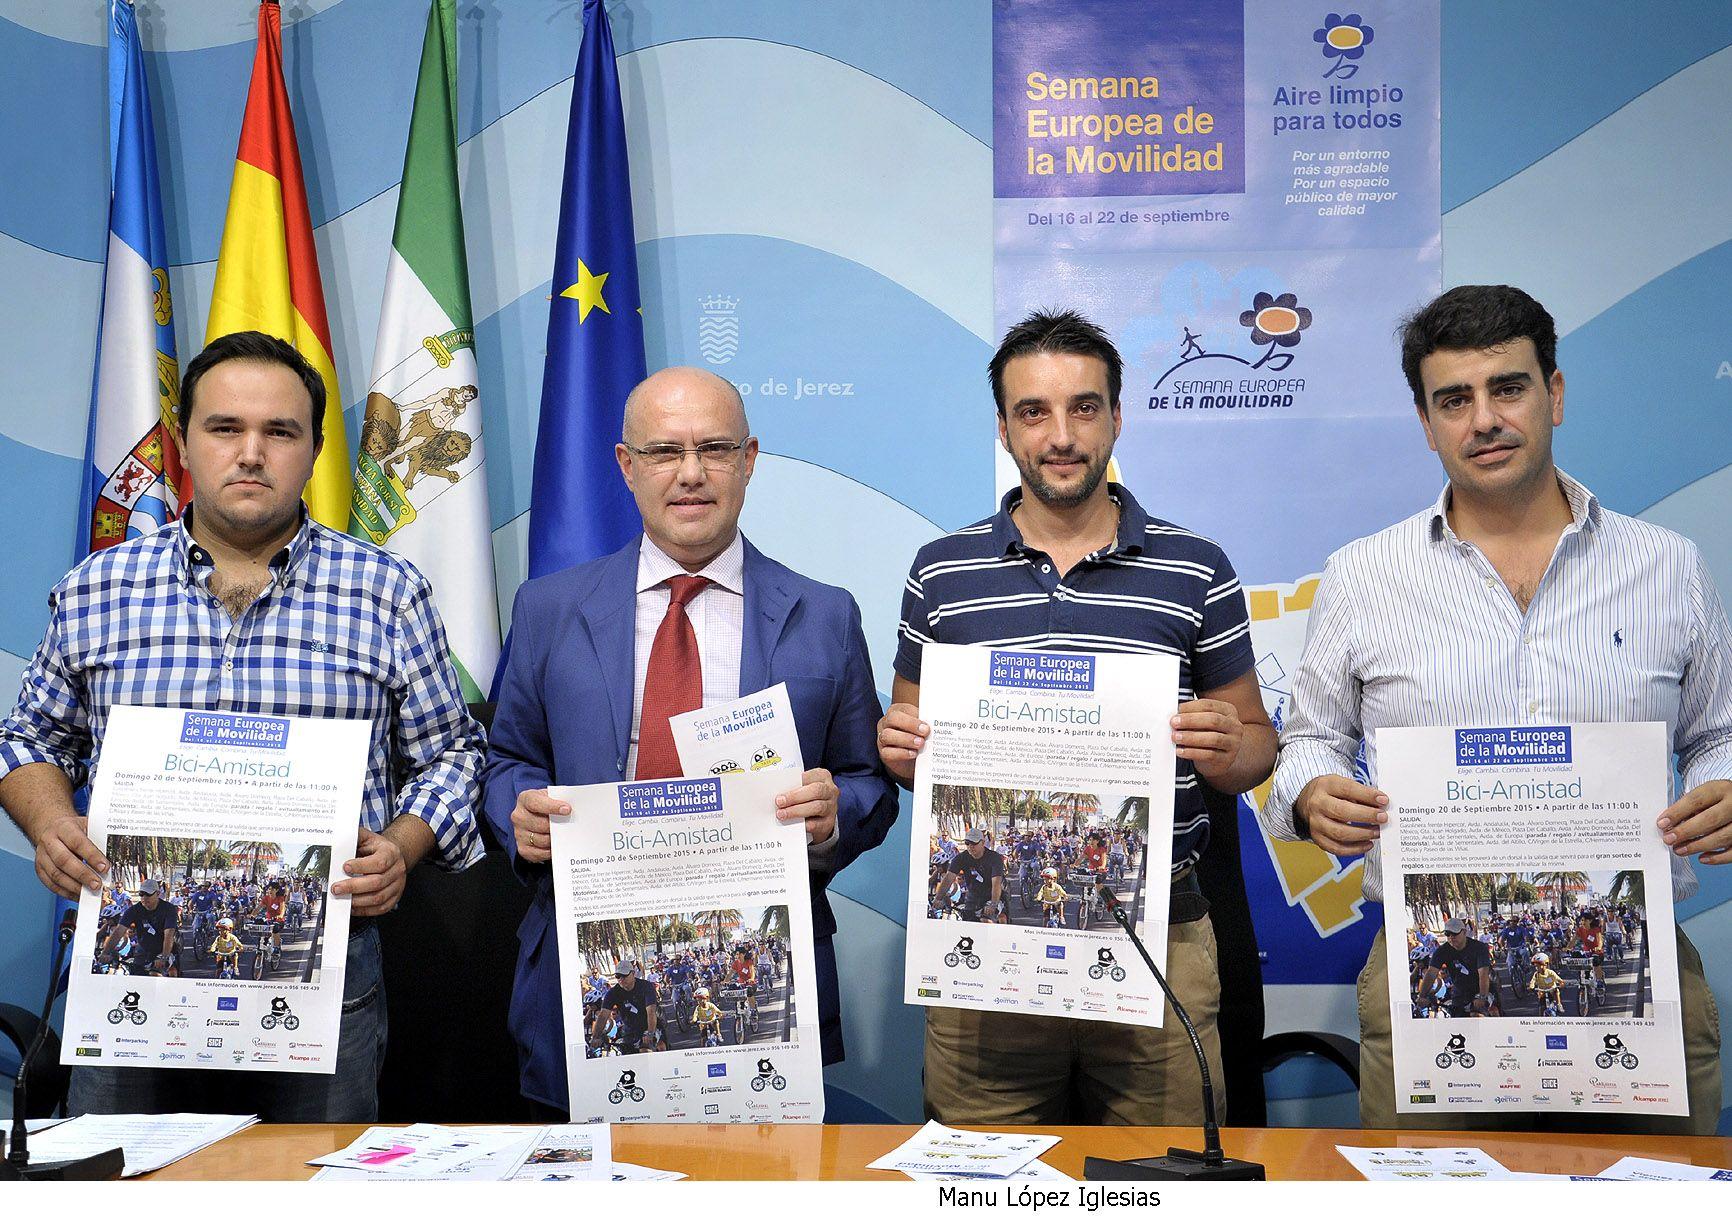 Jose Antonio Diaz en rueda Semana Europea Movilidad _ 02